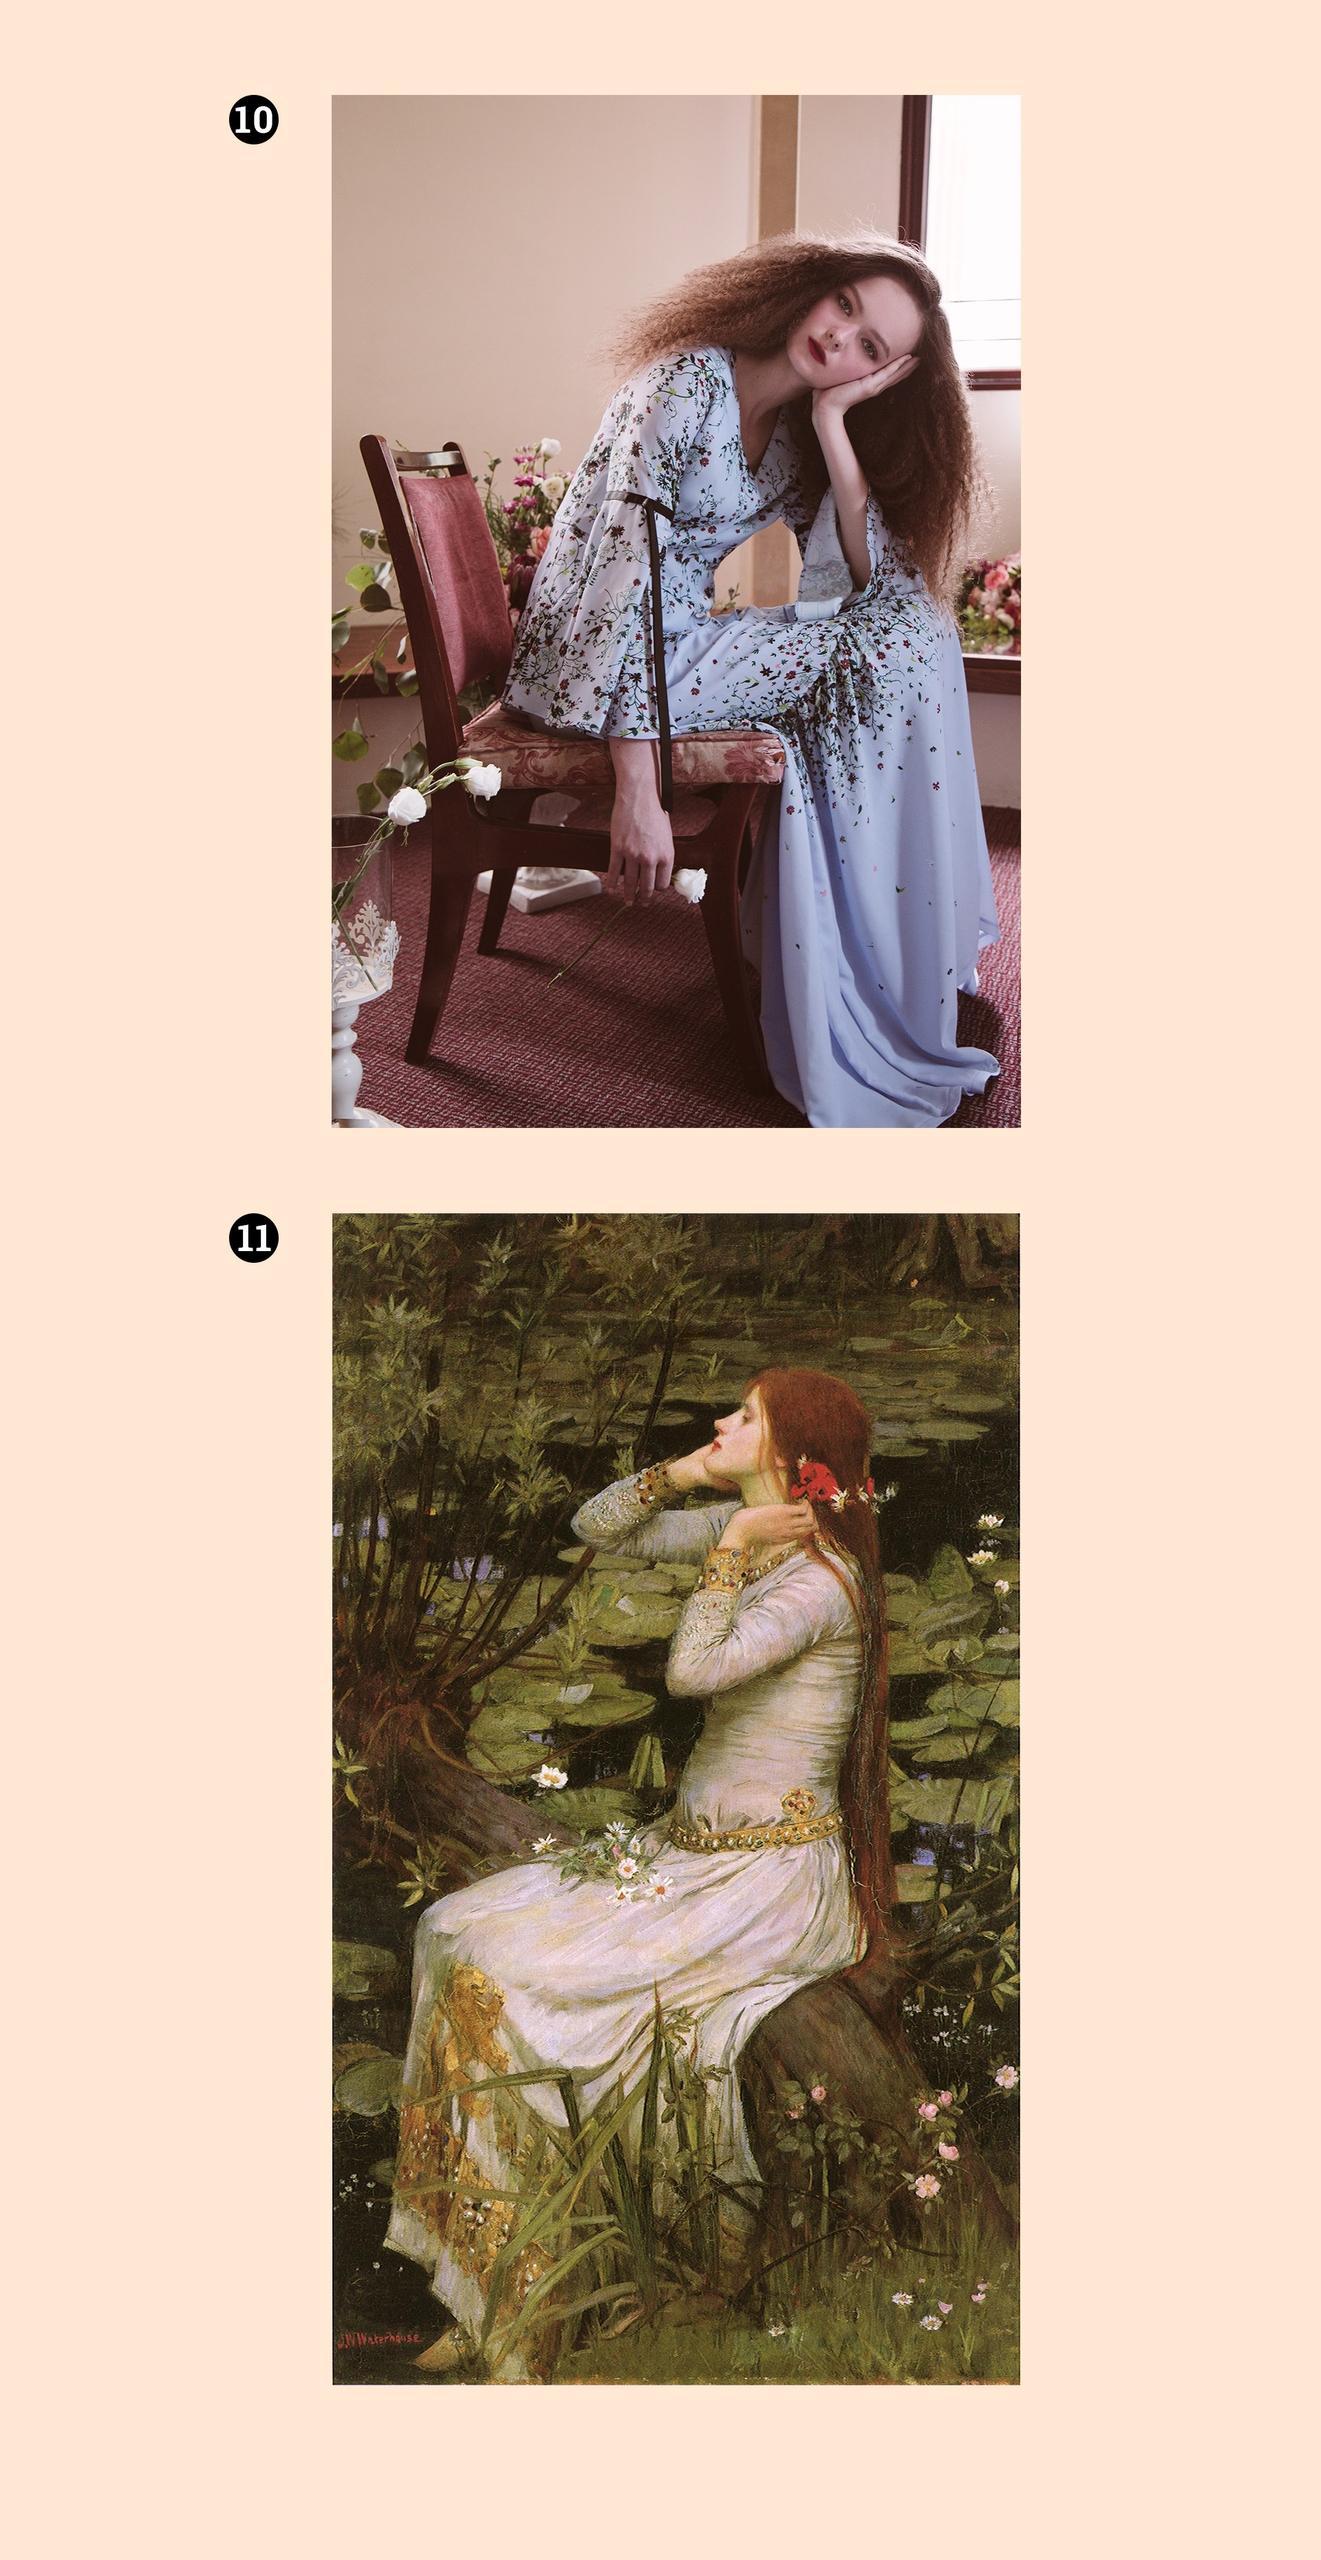 Obraz przedstawia jeden obraz i jedno zdjęcie na jasnym tle. Widzimy postaci kobiece.